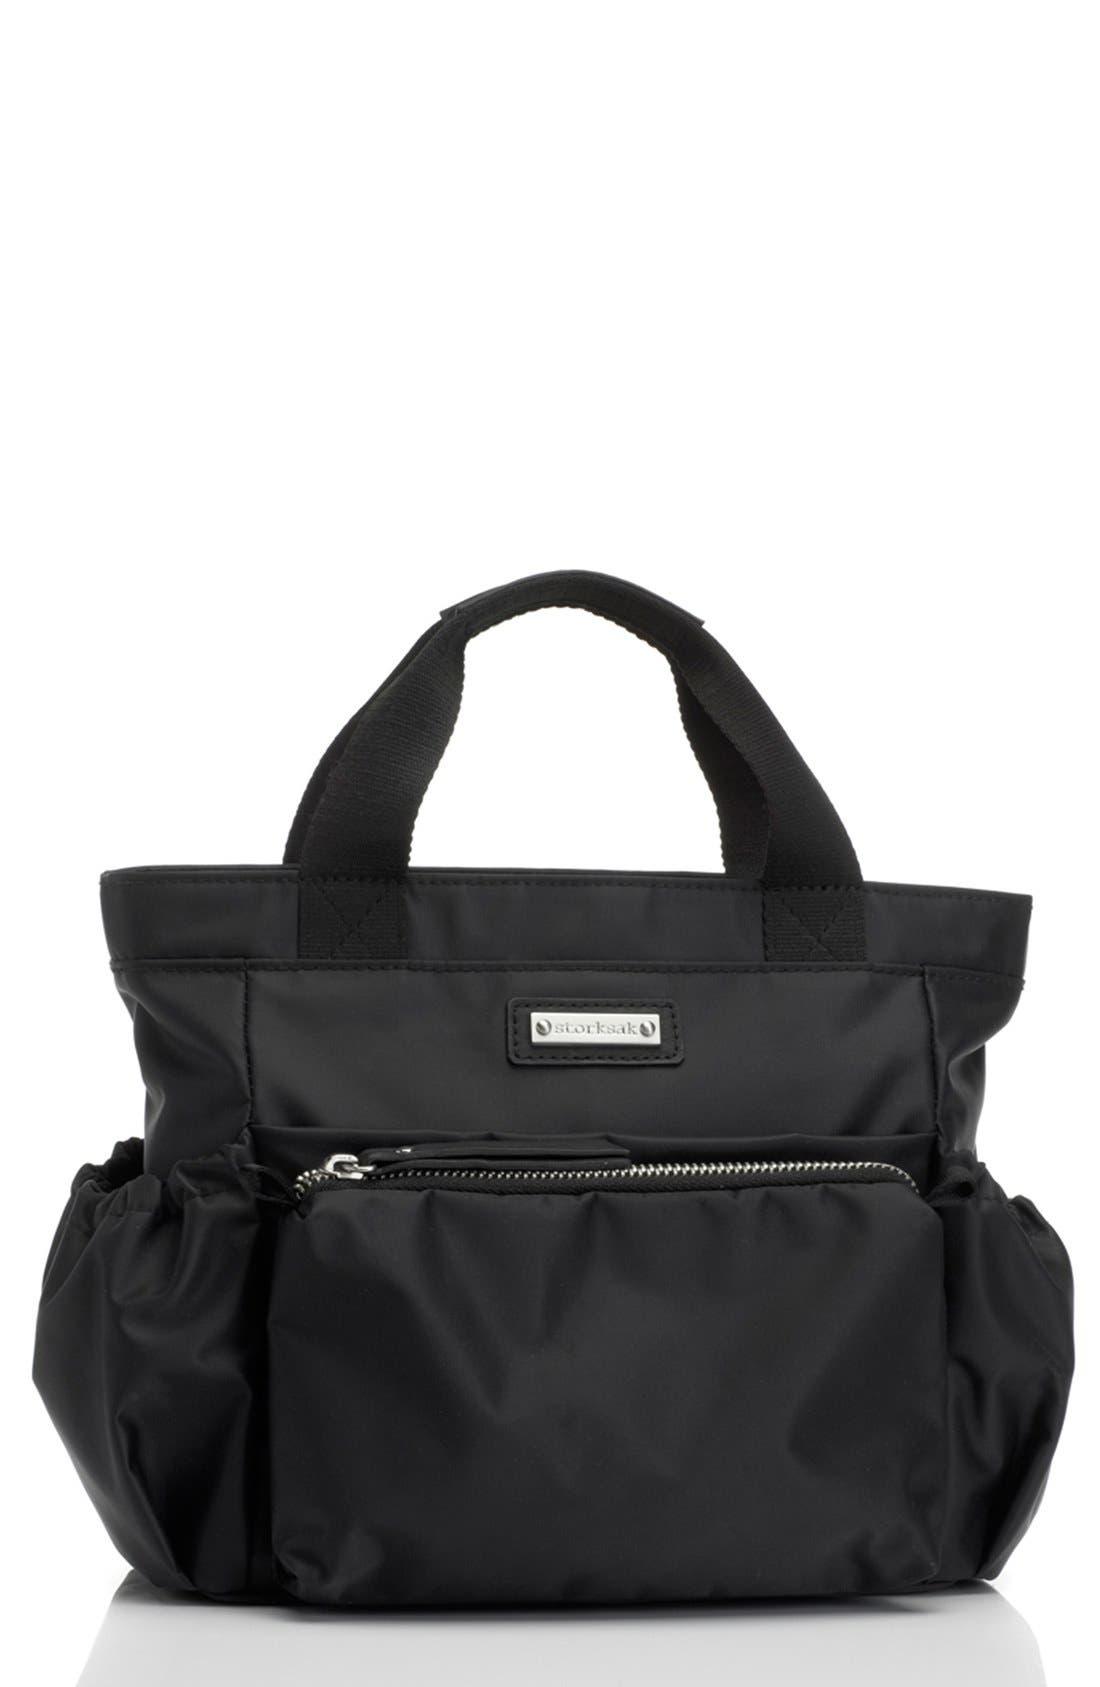 Alternate Image 1 Selected - Storksak 'SOS' Diaper Bag